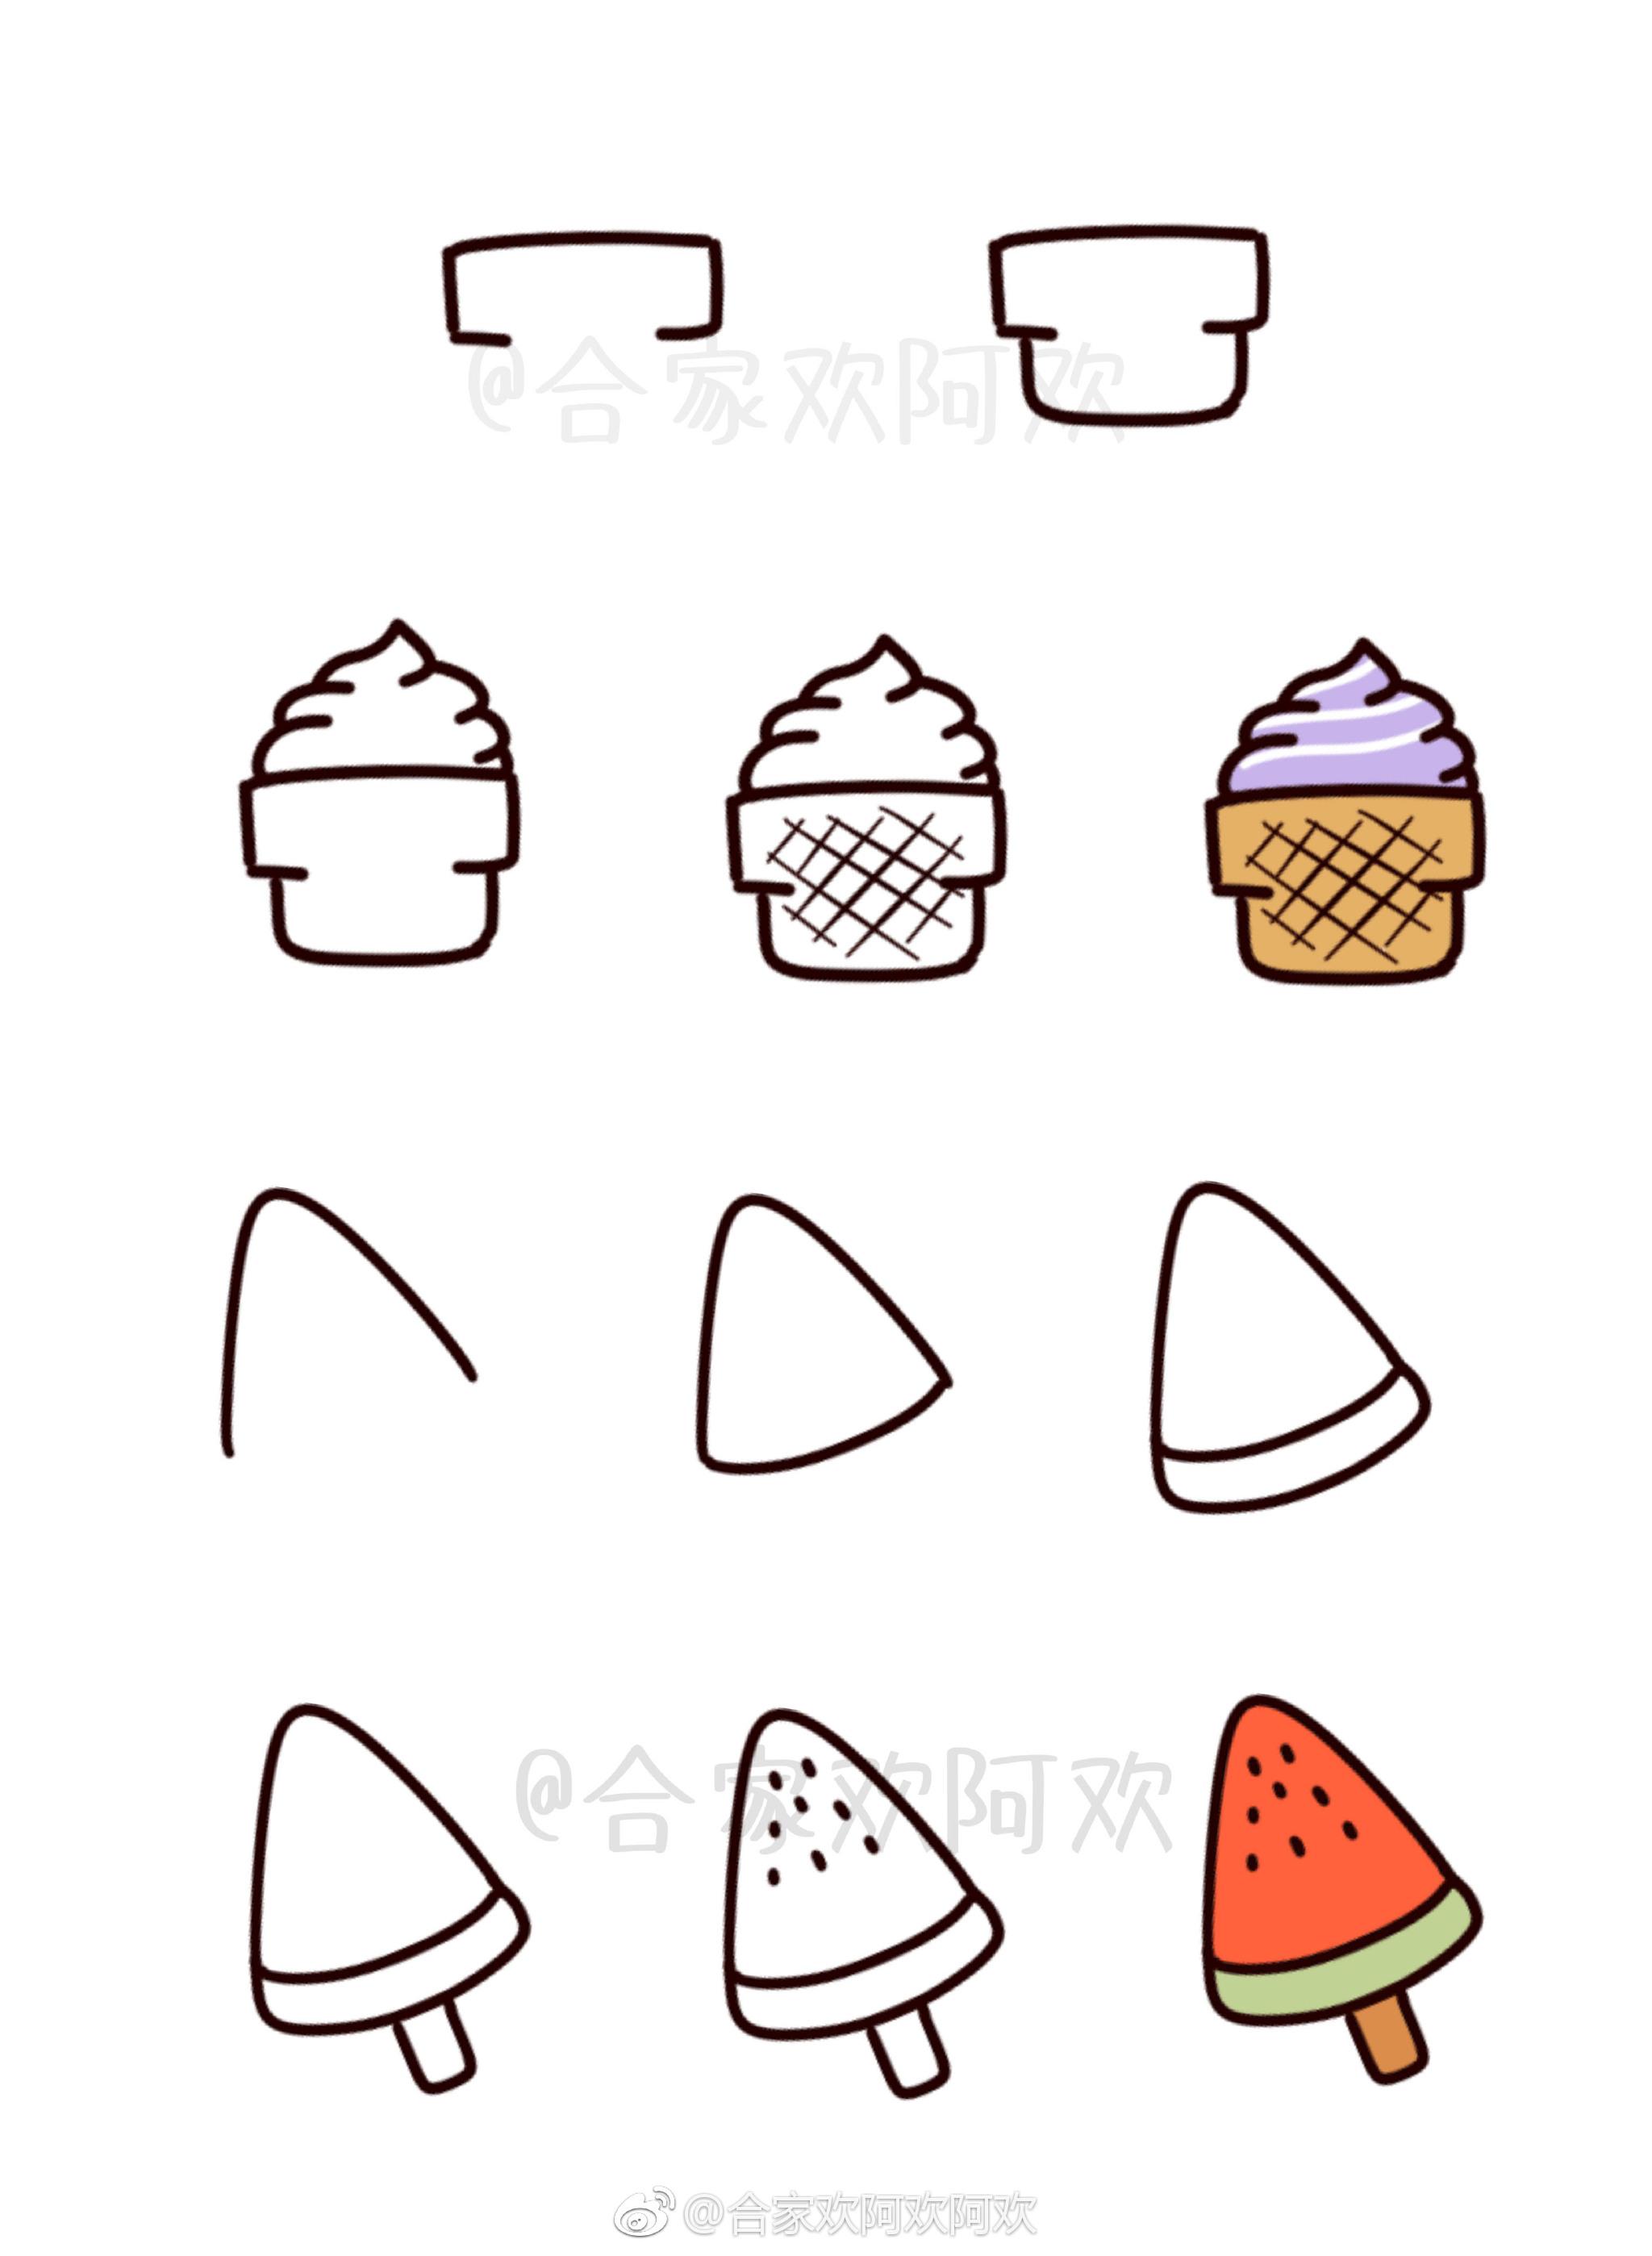 夏天就要吃冰棍~一组冰棍雪糕简笔画送给你们